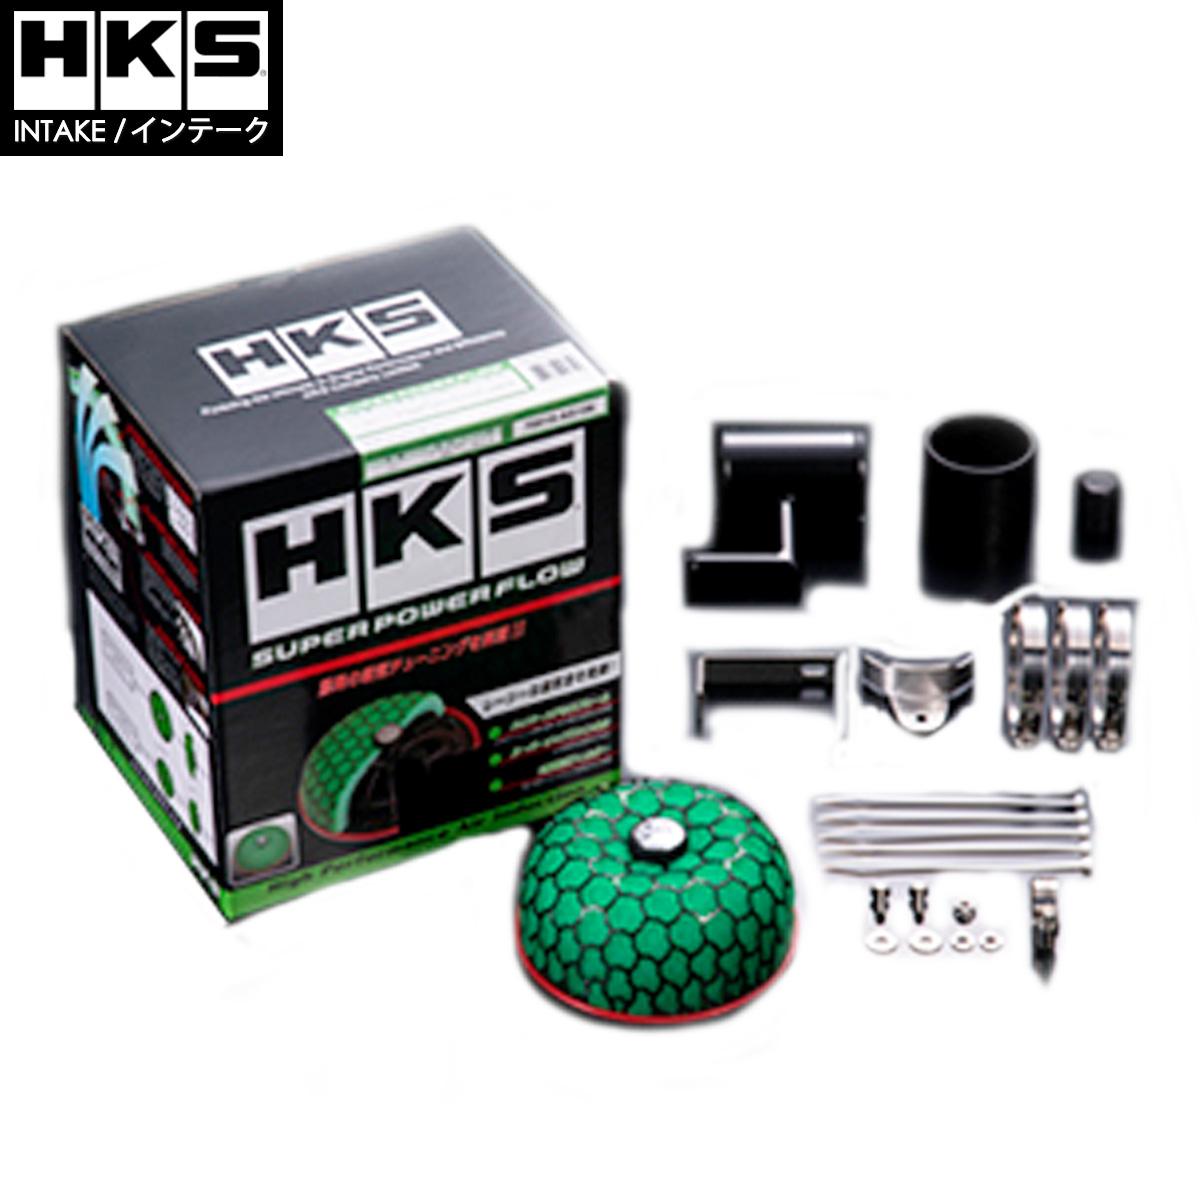 マーク2 スーパーパワーフロー JZX100 HKS 70019-AT104 インテークシリーズ 個人宅発送追金有